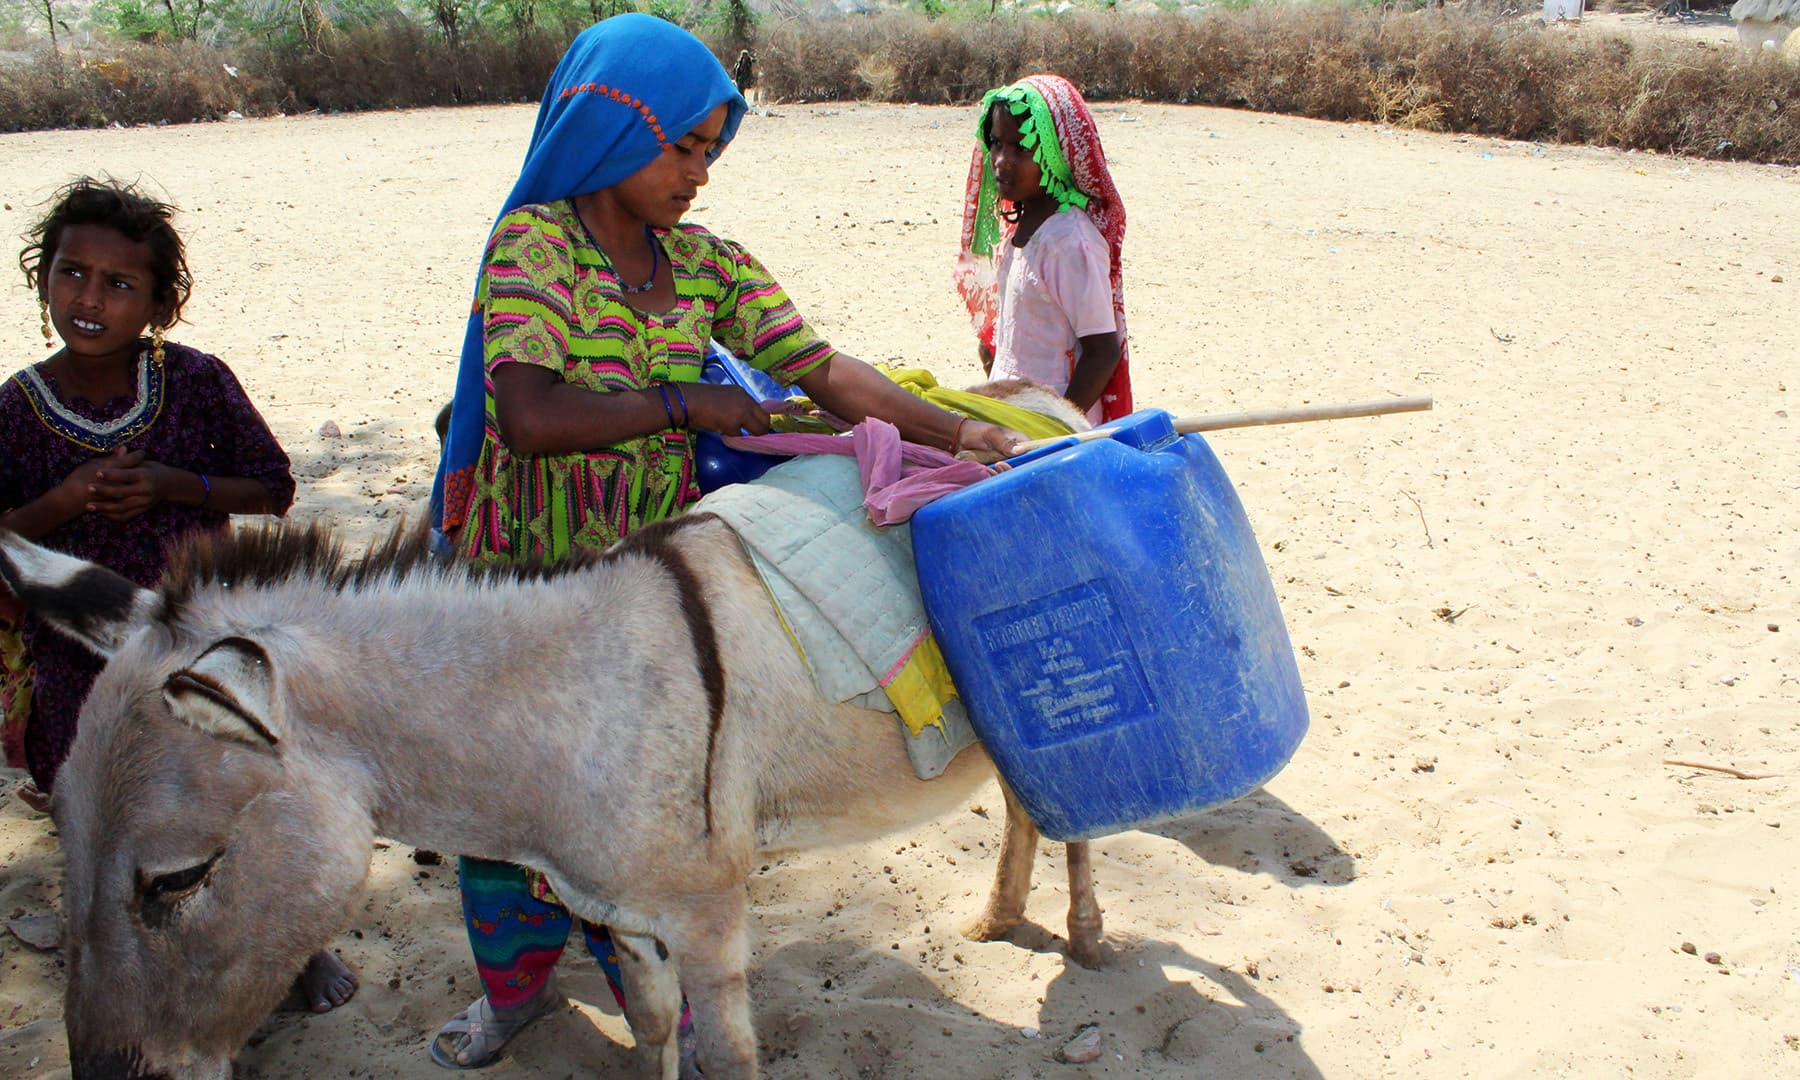 تھر میں پانی کے لیے بچوں کو بھی شدید مشقت کا سامنا کرنا پڑتا ہے۔— فوٹو اختر حفیظ۔